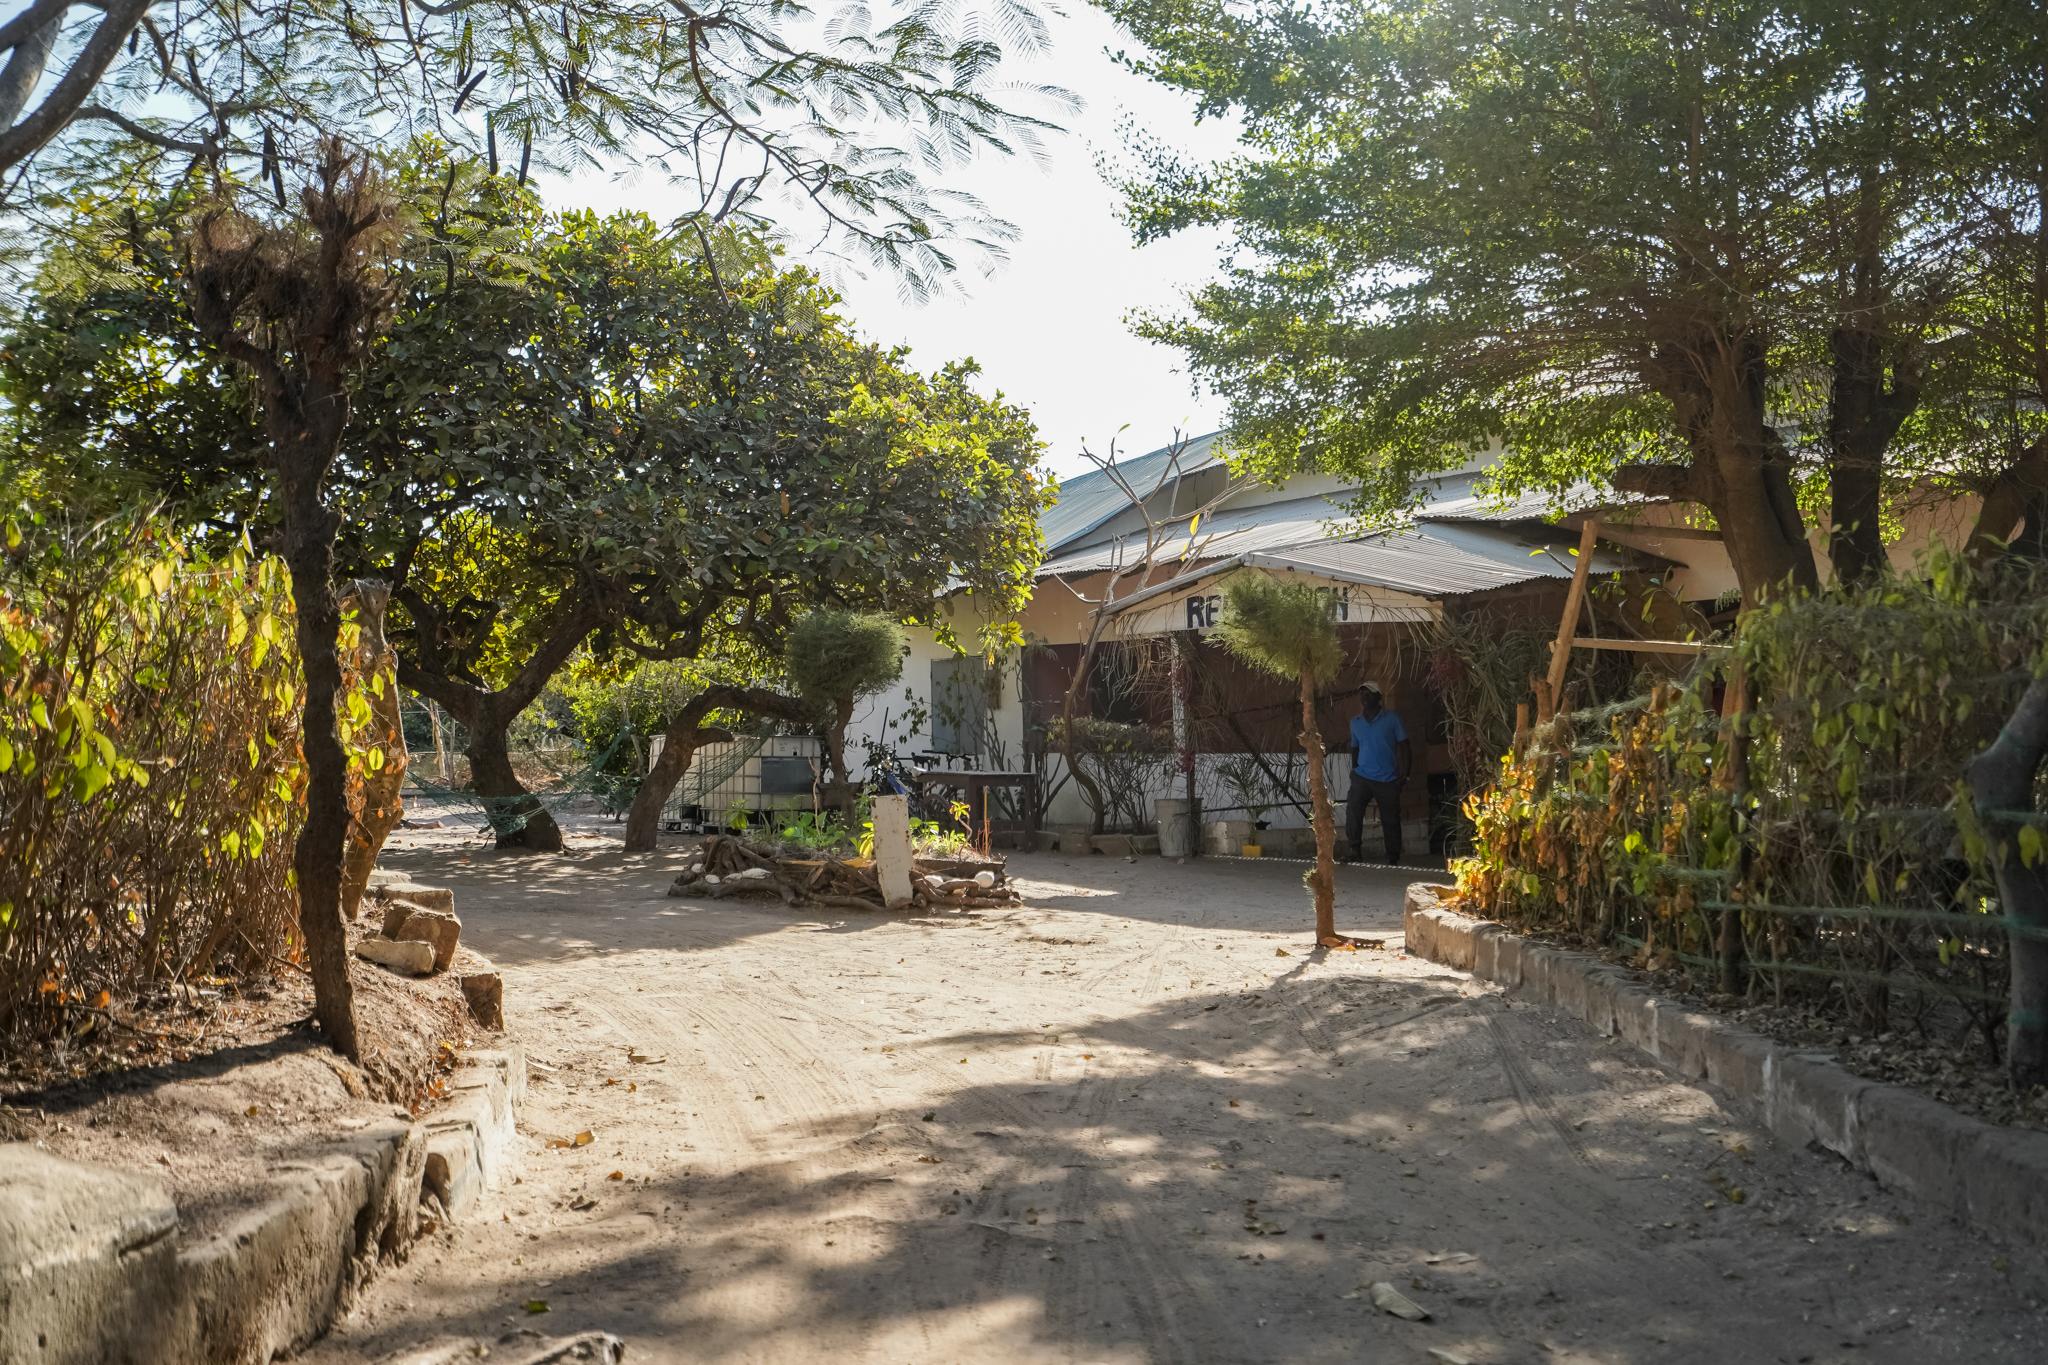 visiter-voyage-casamance-campement-kafountine